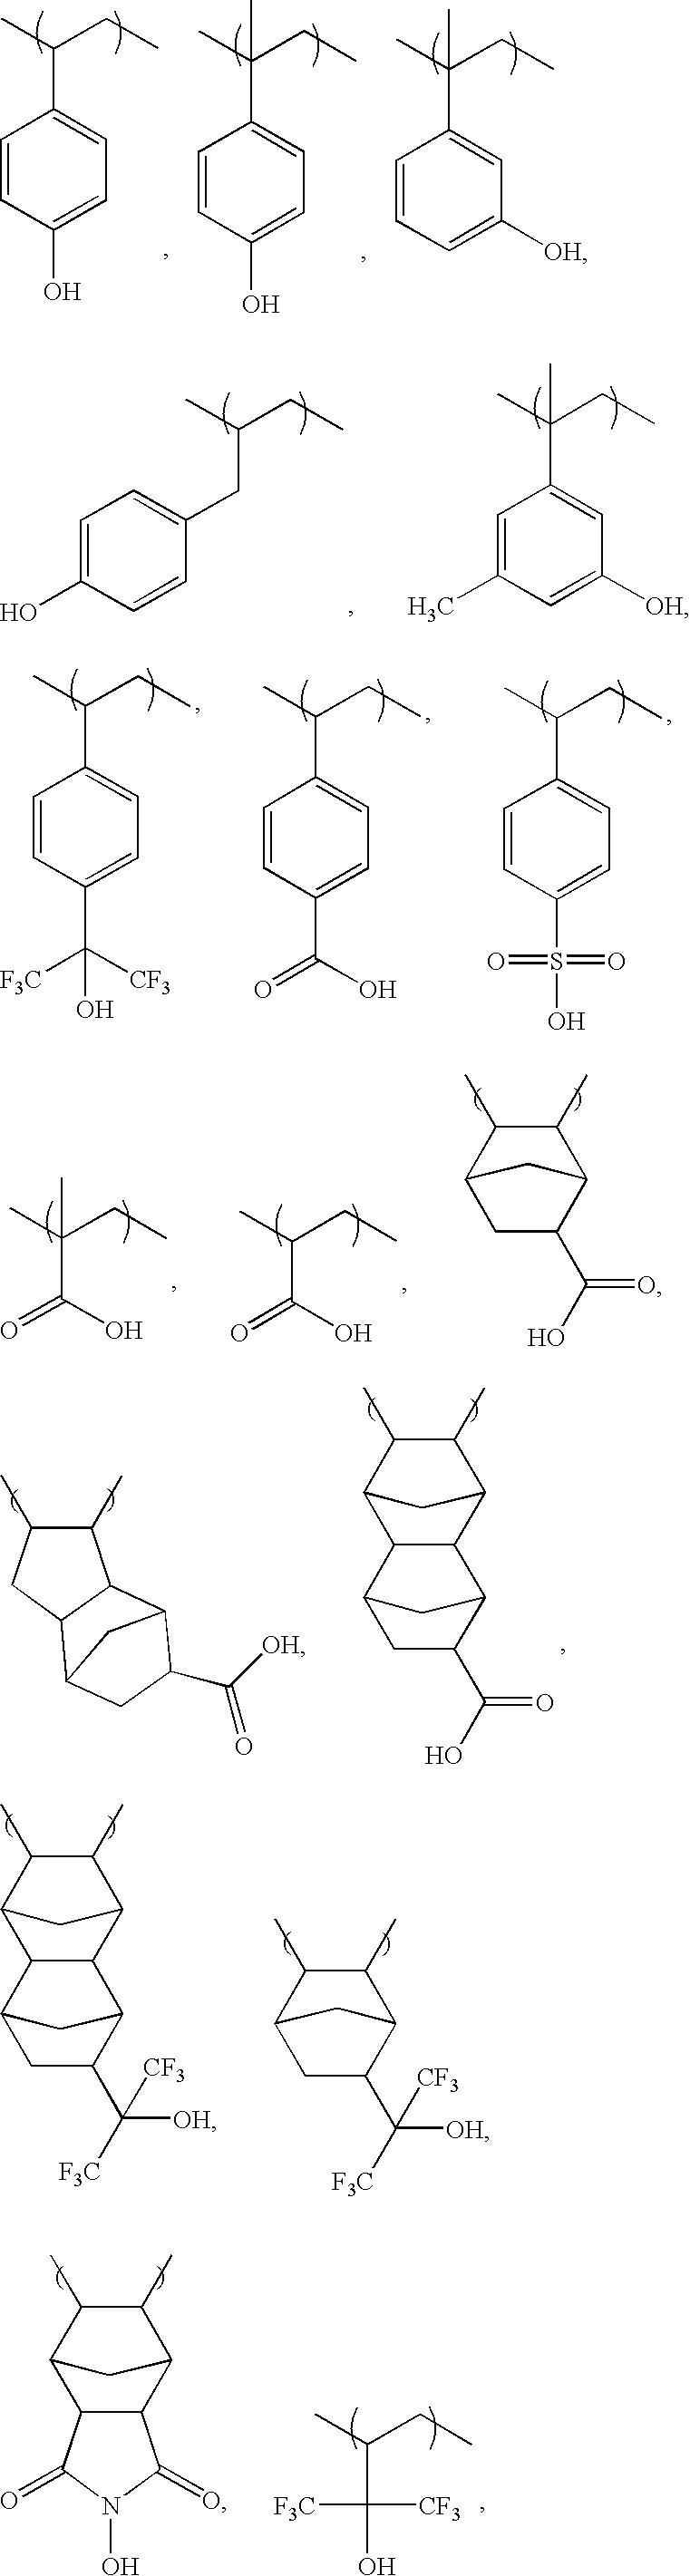 Figure US20080199814A1-20080821-C00005